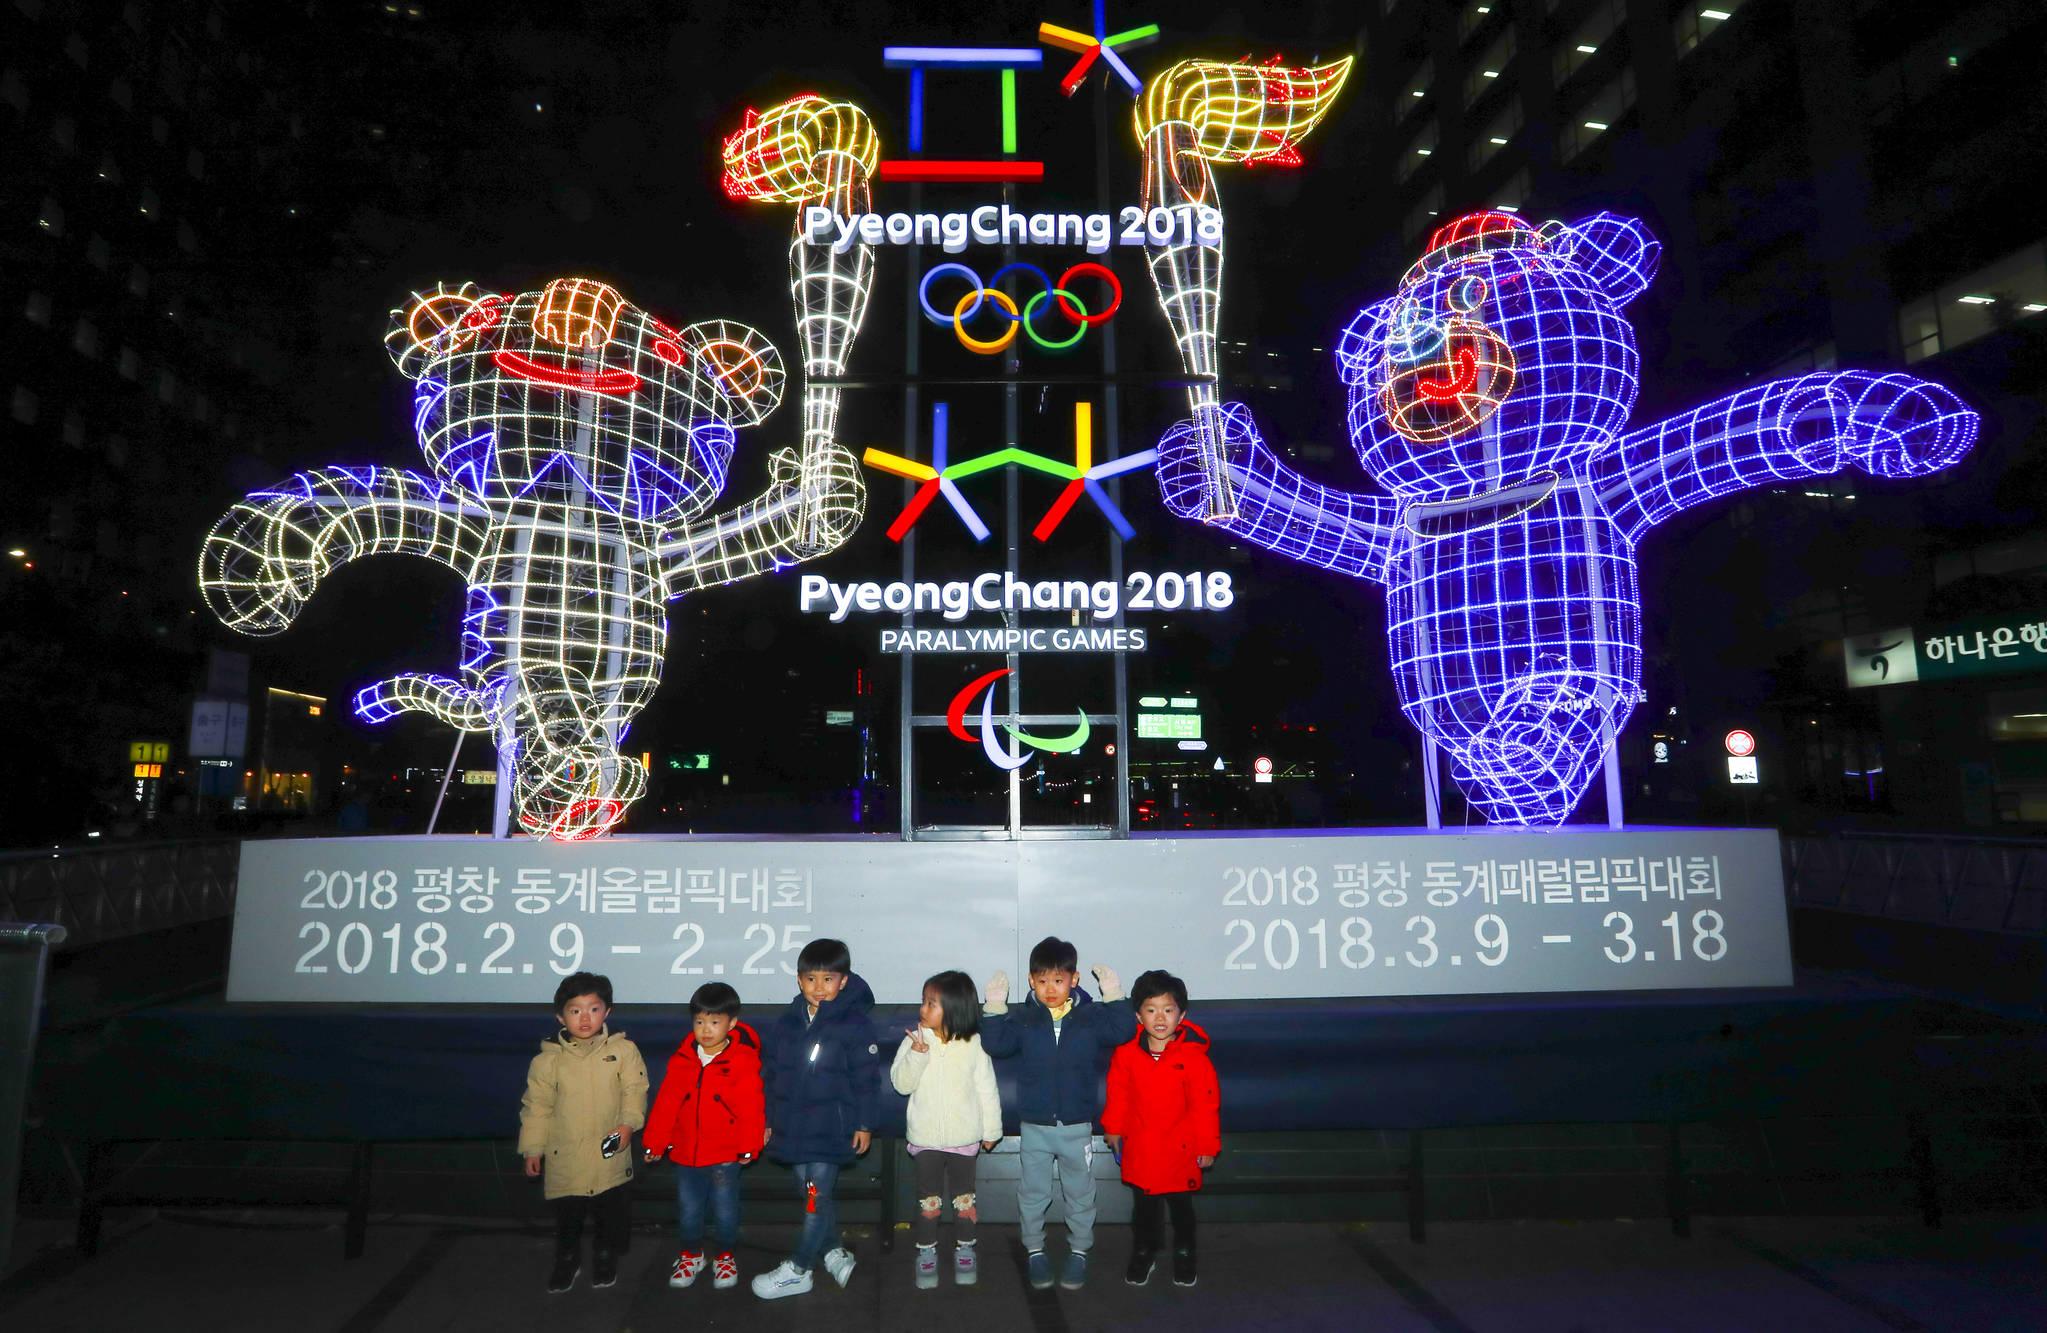 부모님과 나들이 나온 어린이들이 9일 서울 청계광장에 설치된 2018 평창 동계올림픽 마스코트 앞에서 기념사진을 촬영하고 있다. 임현동 기자